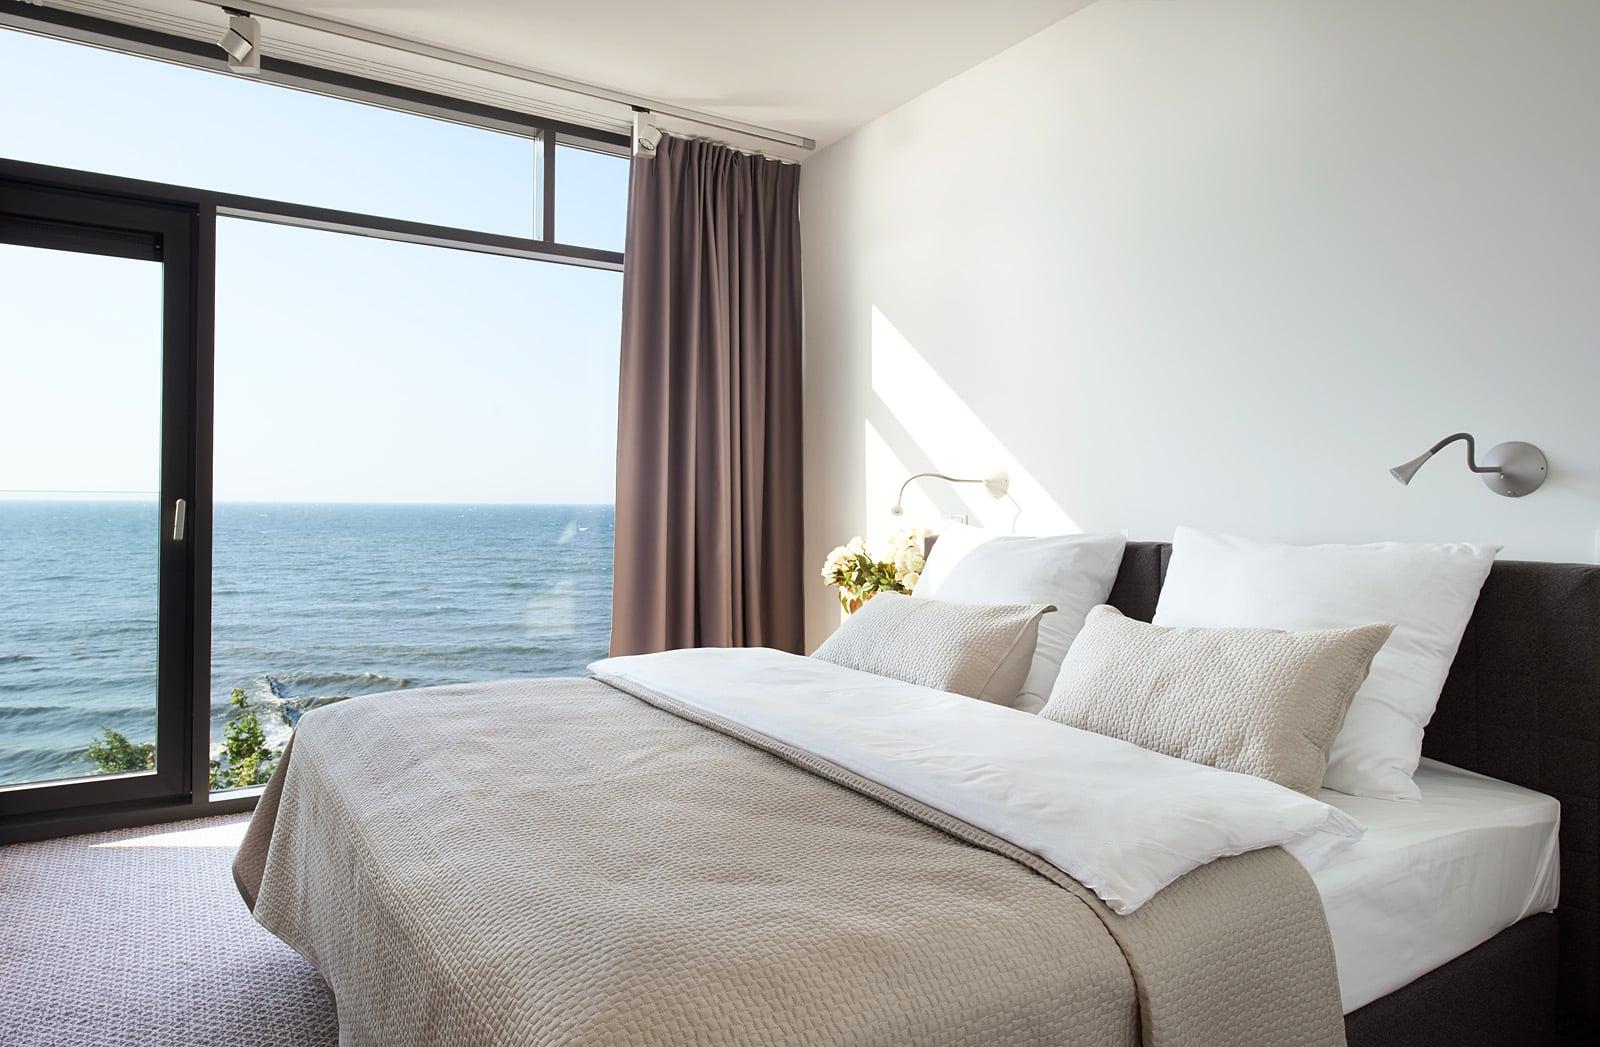 Boulevard_Ustronie_Morskie-Exclusive_Plus-Bedroom